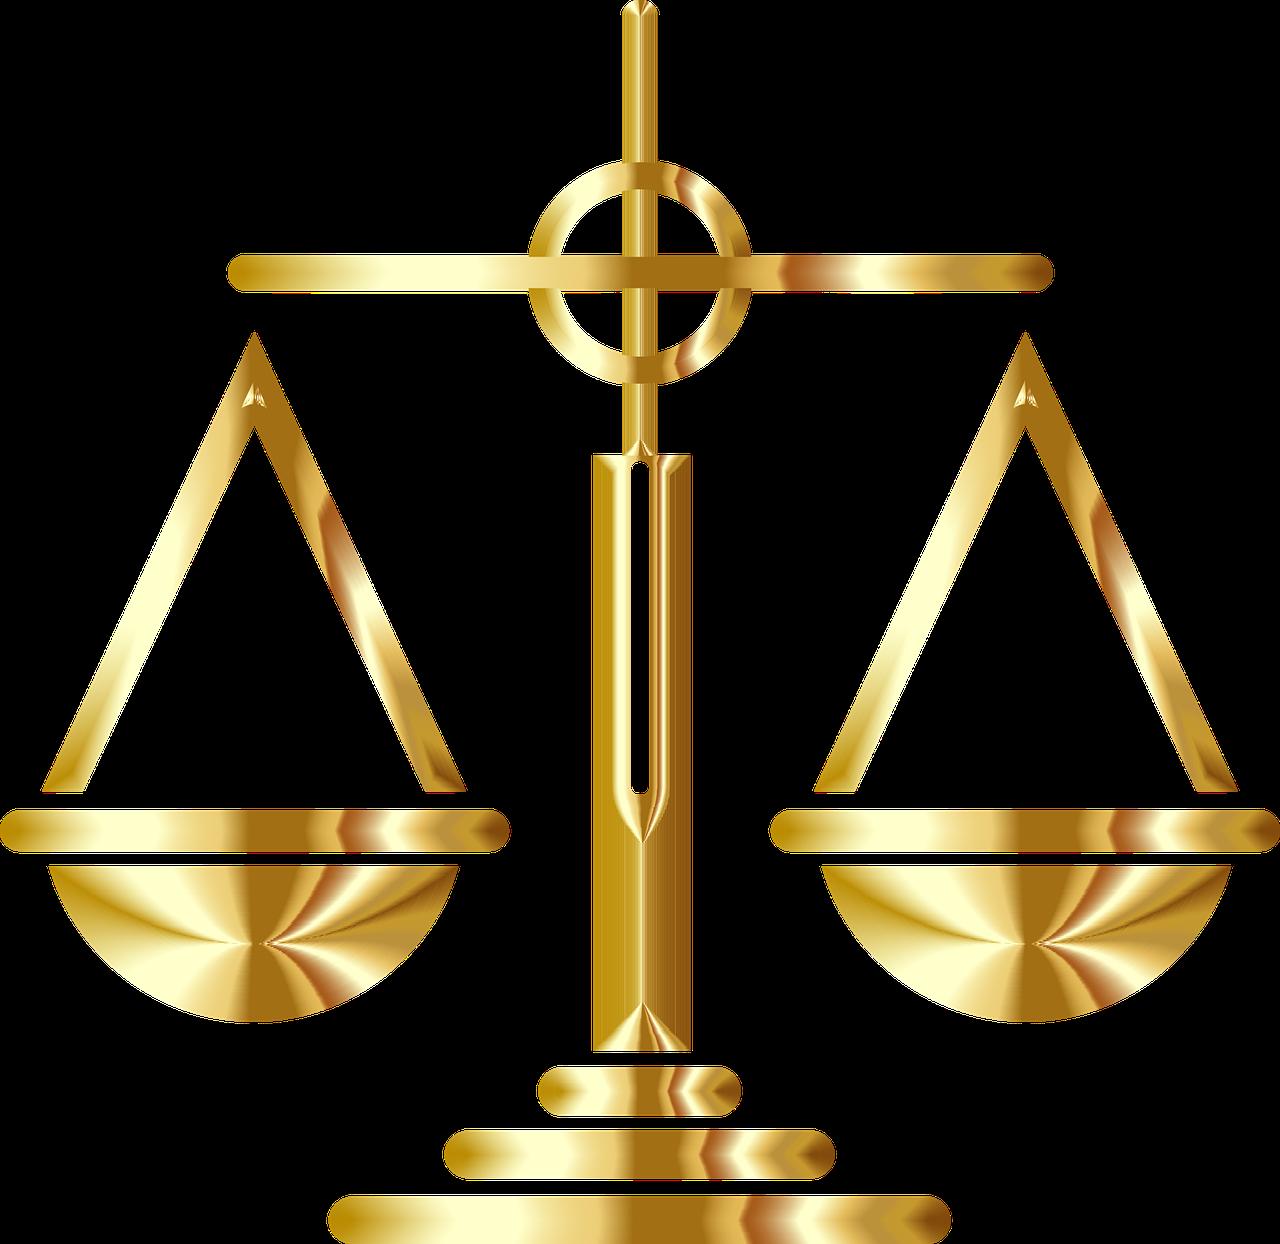 חוק וצדק